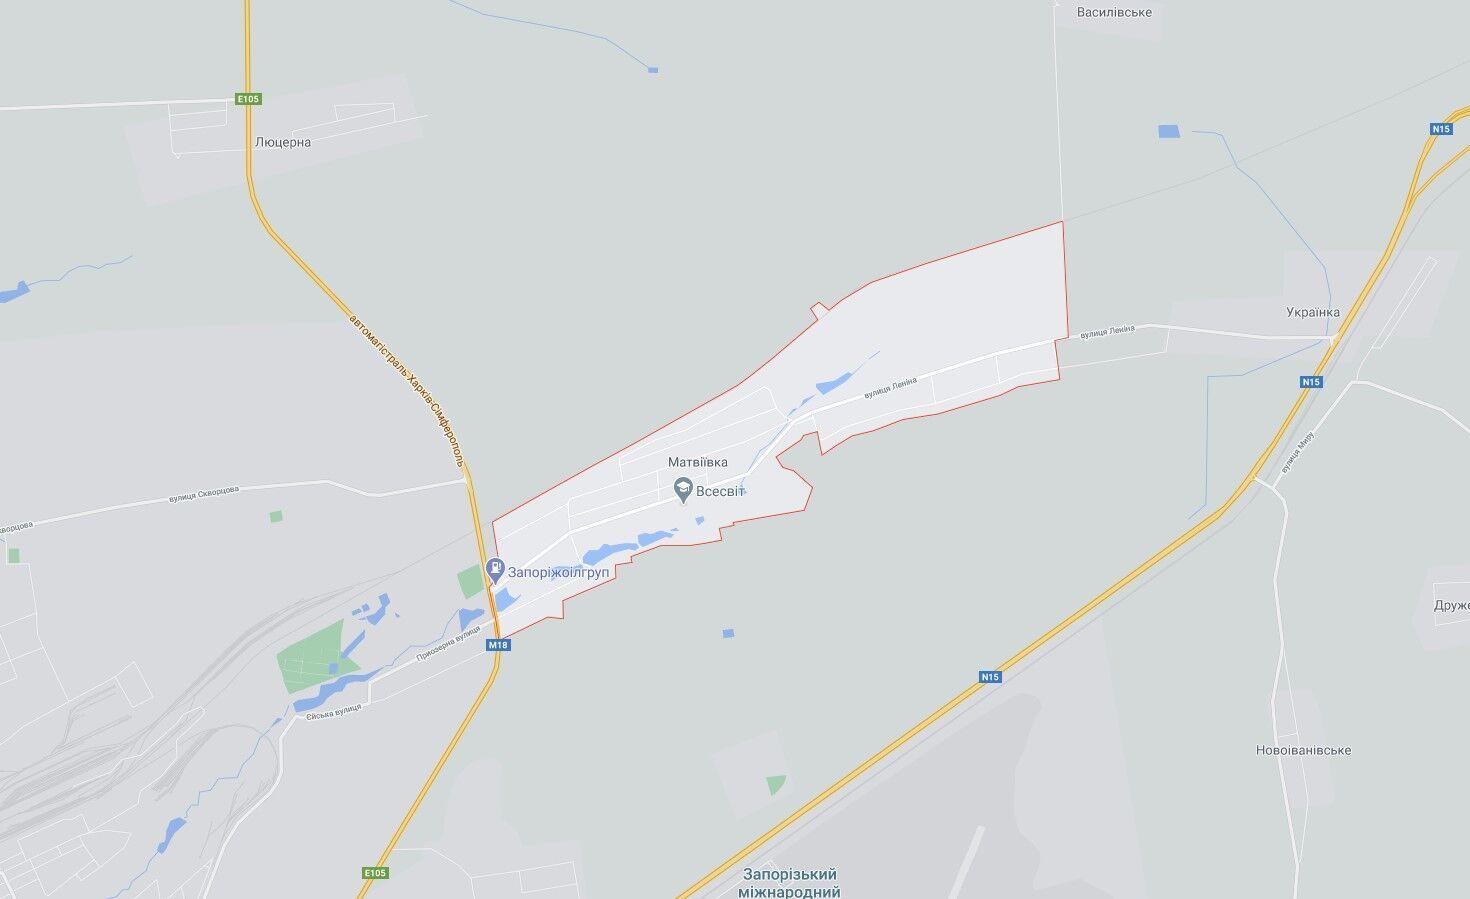 ДТП трапилася неподалік села Матвіївка.